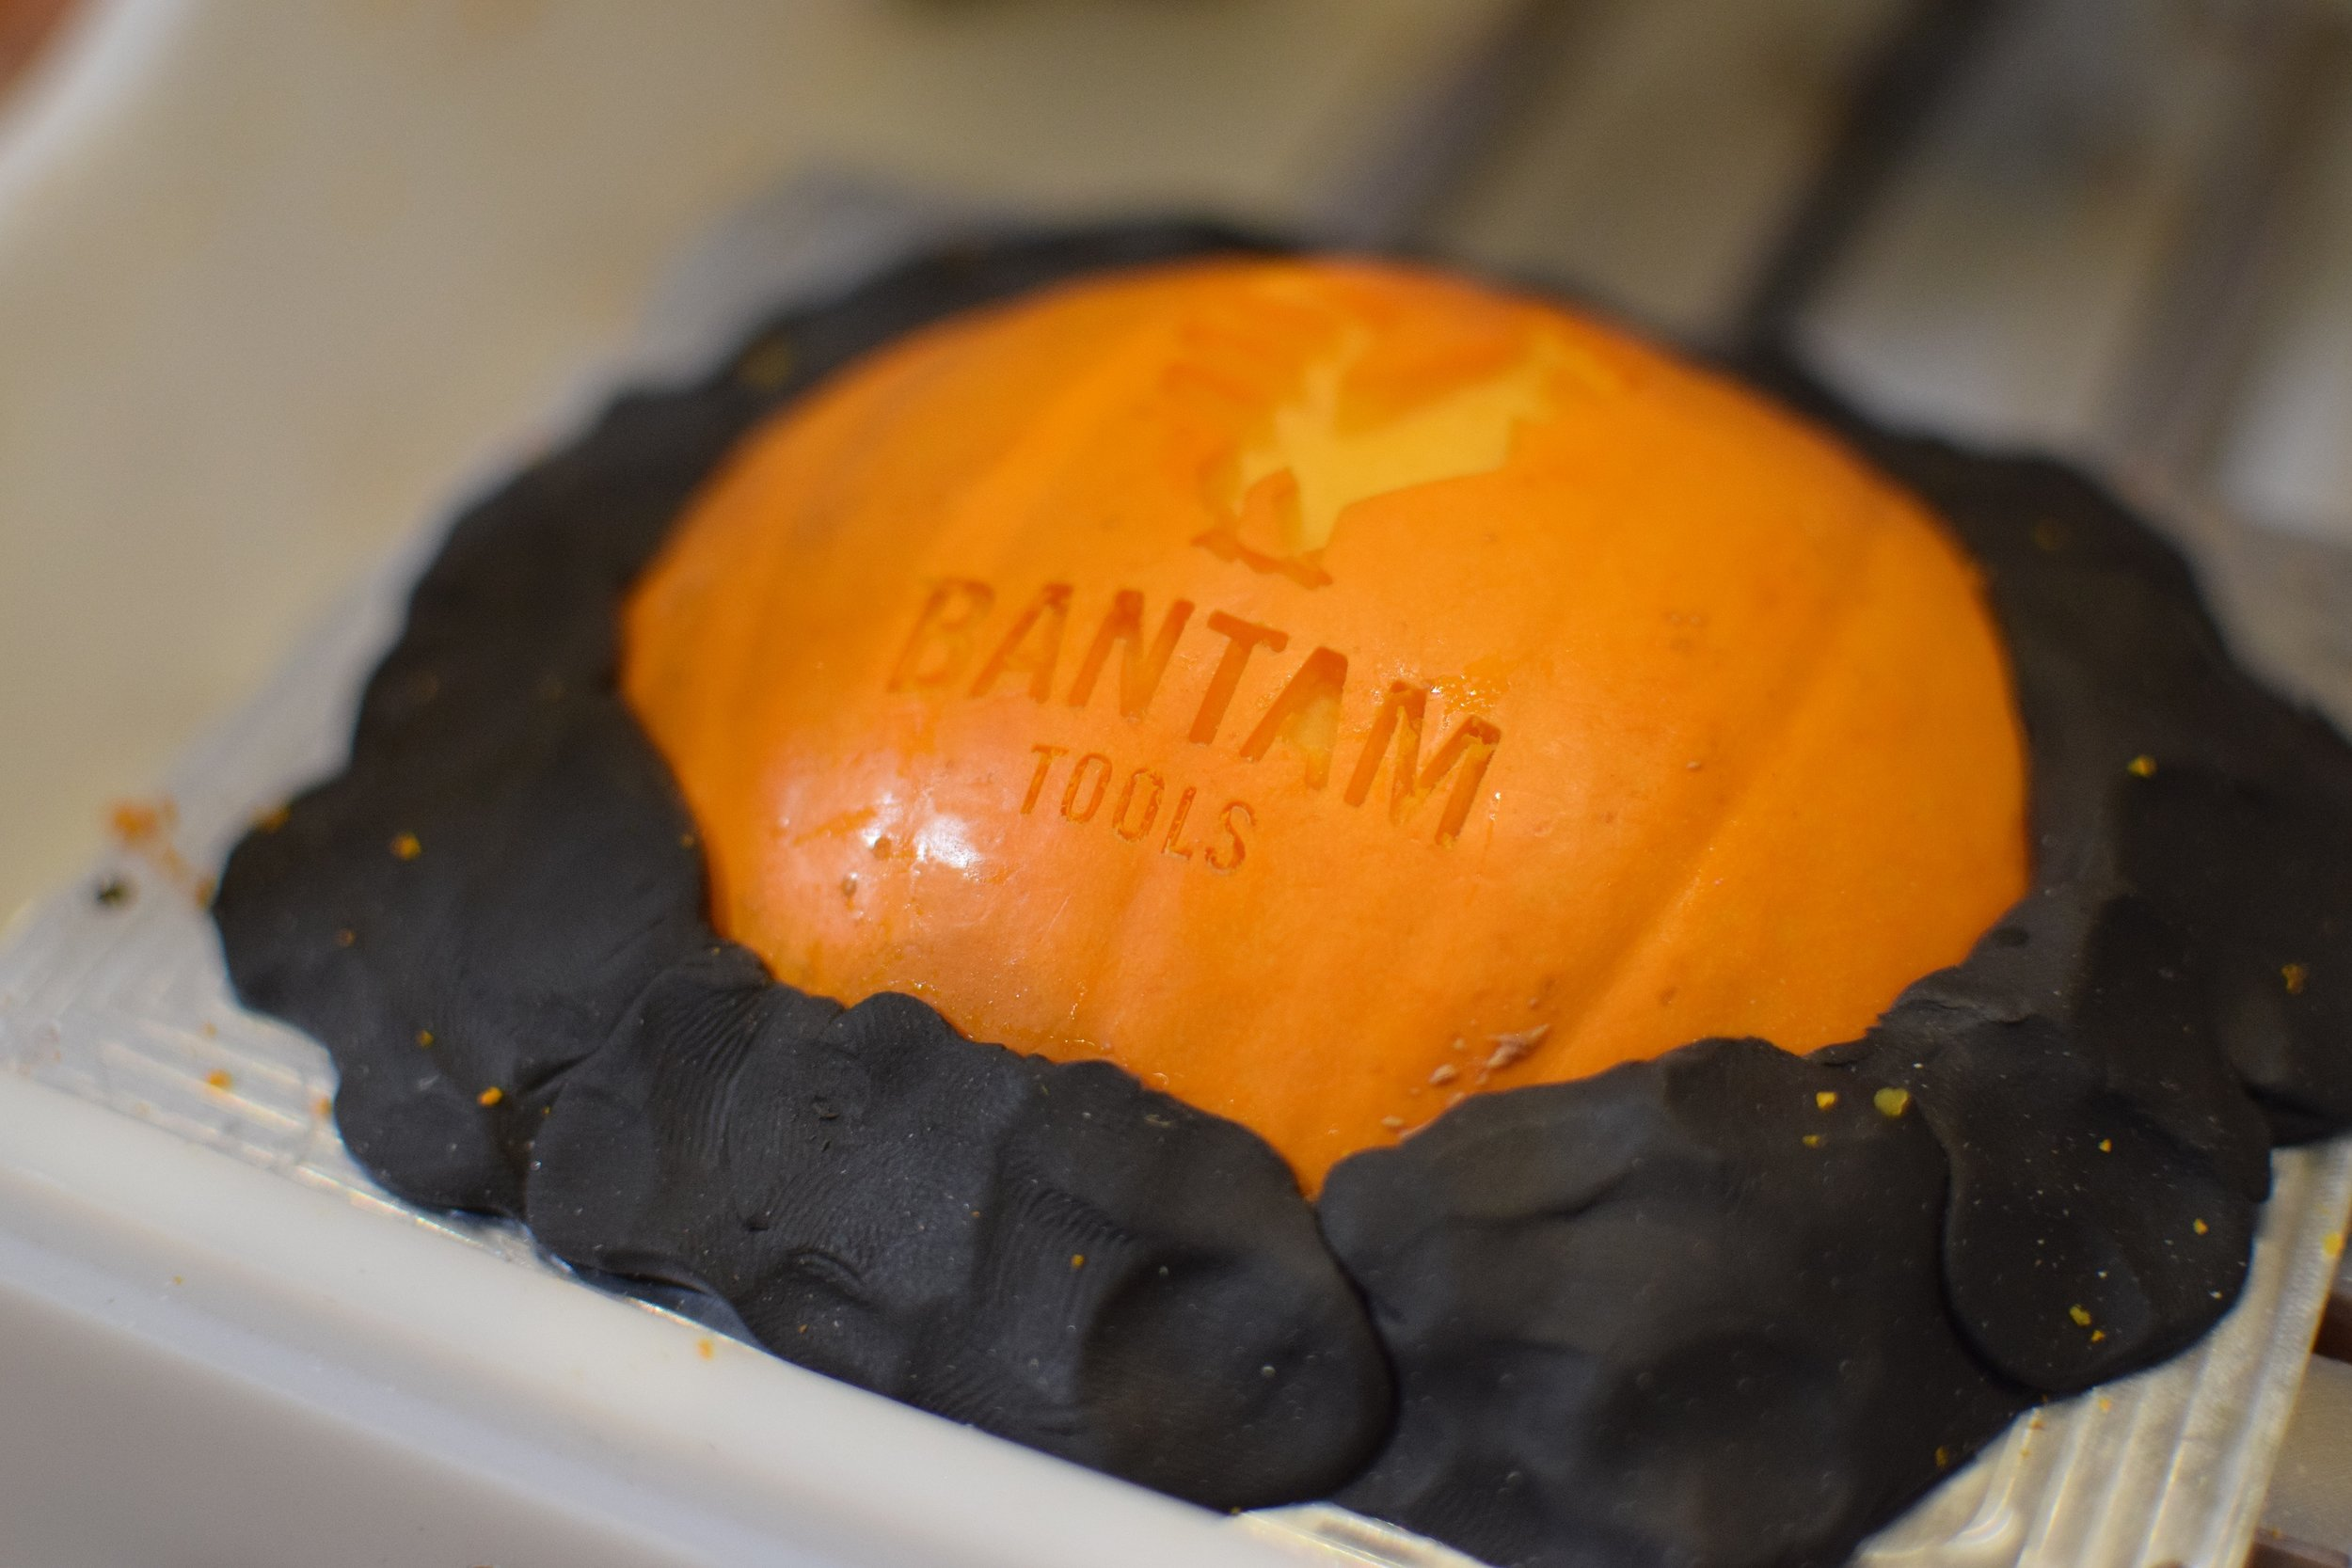 Bantam Tools logo milled into a pumpkin!